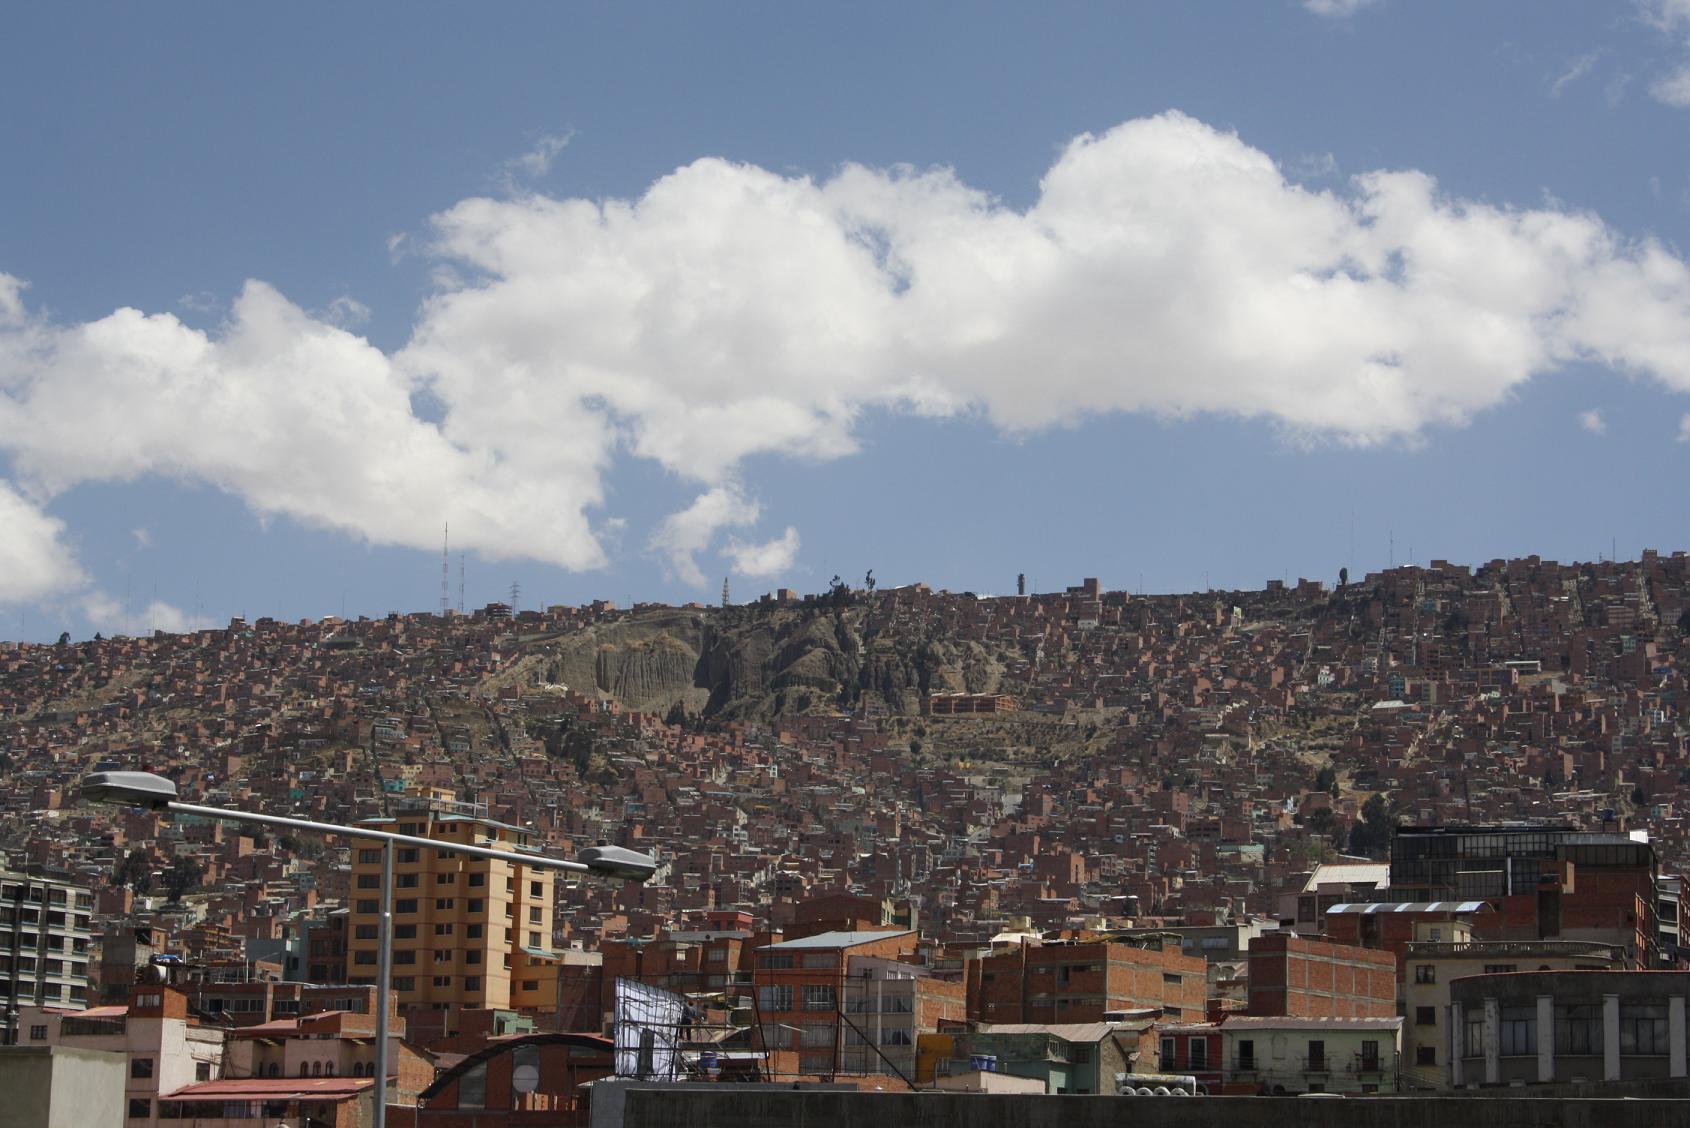 La Paz i milions de casetes